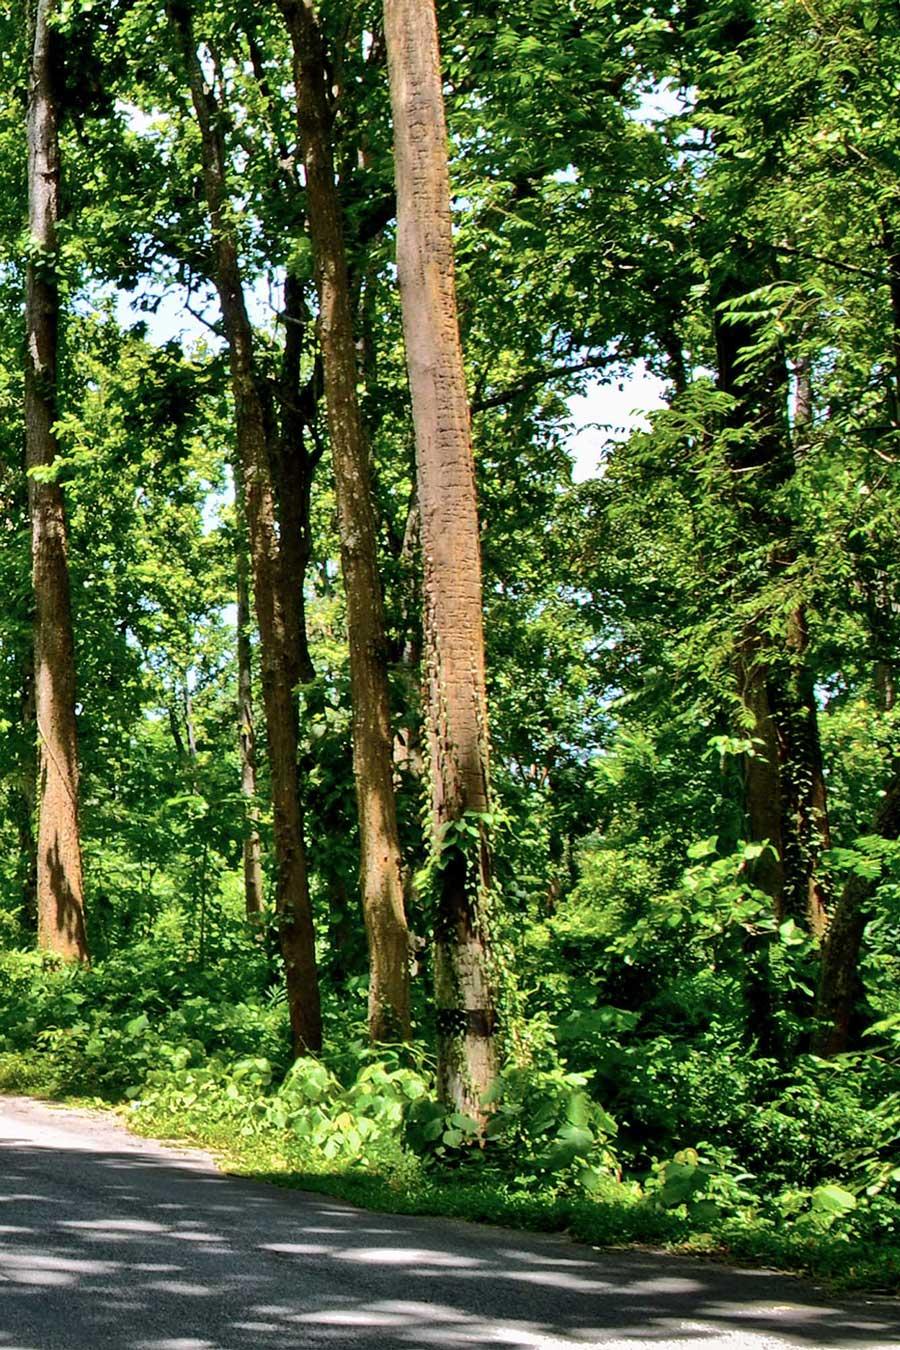 Réserve naturelle d'Assam, photo prise par Diganta Talukdar, Nagaon